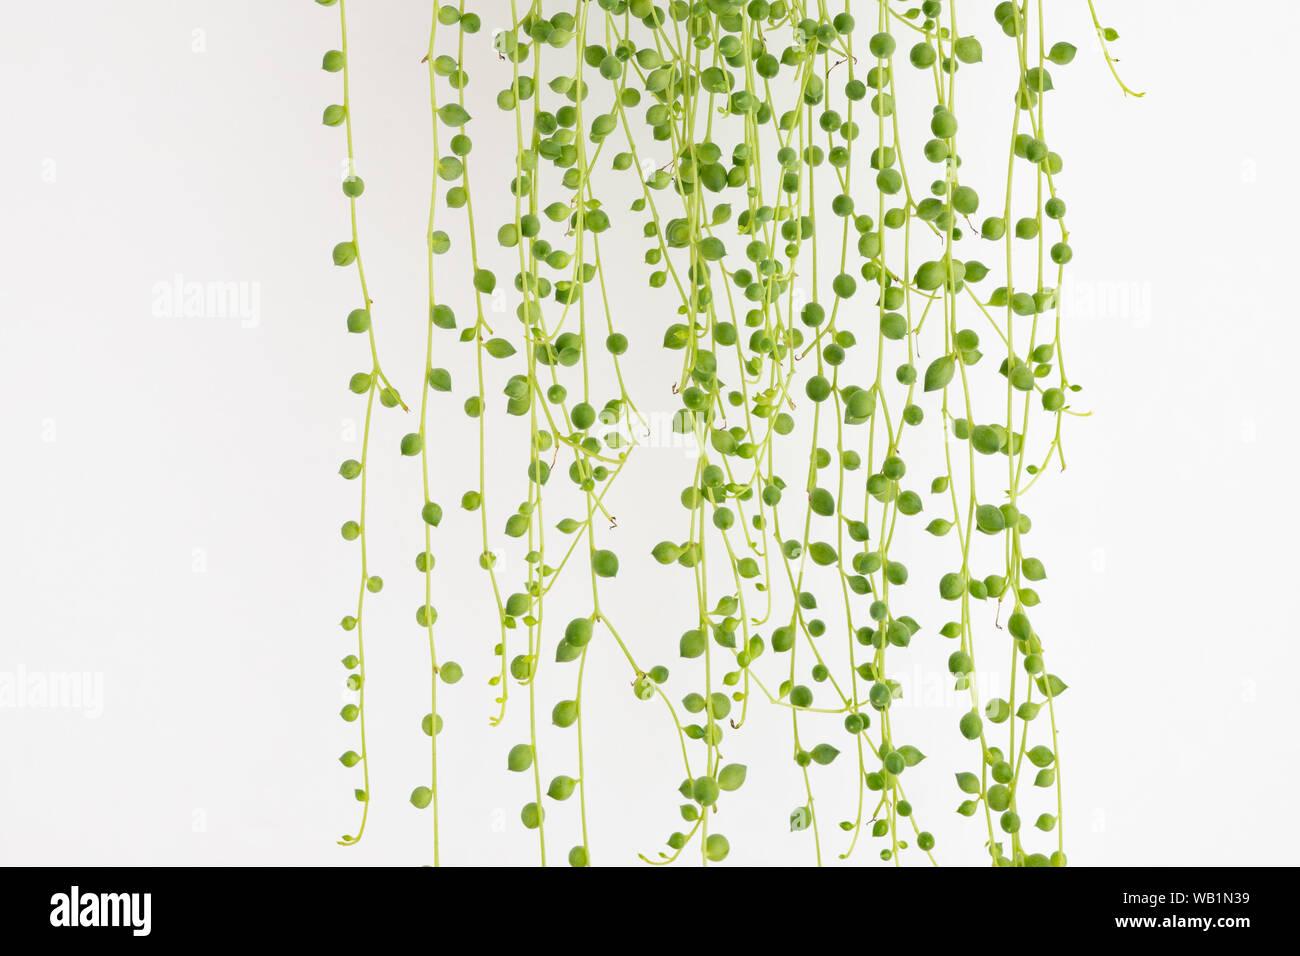 Senecio rowleyanus eine Perlenkette /'String of Pearls/' S